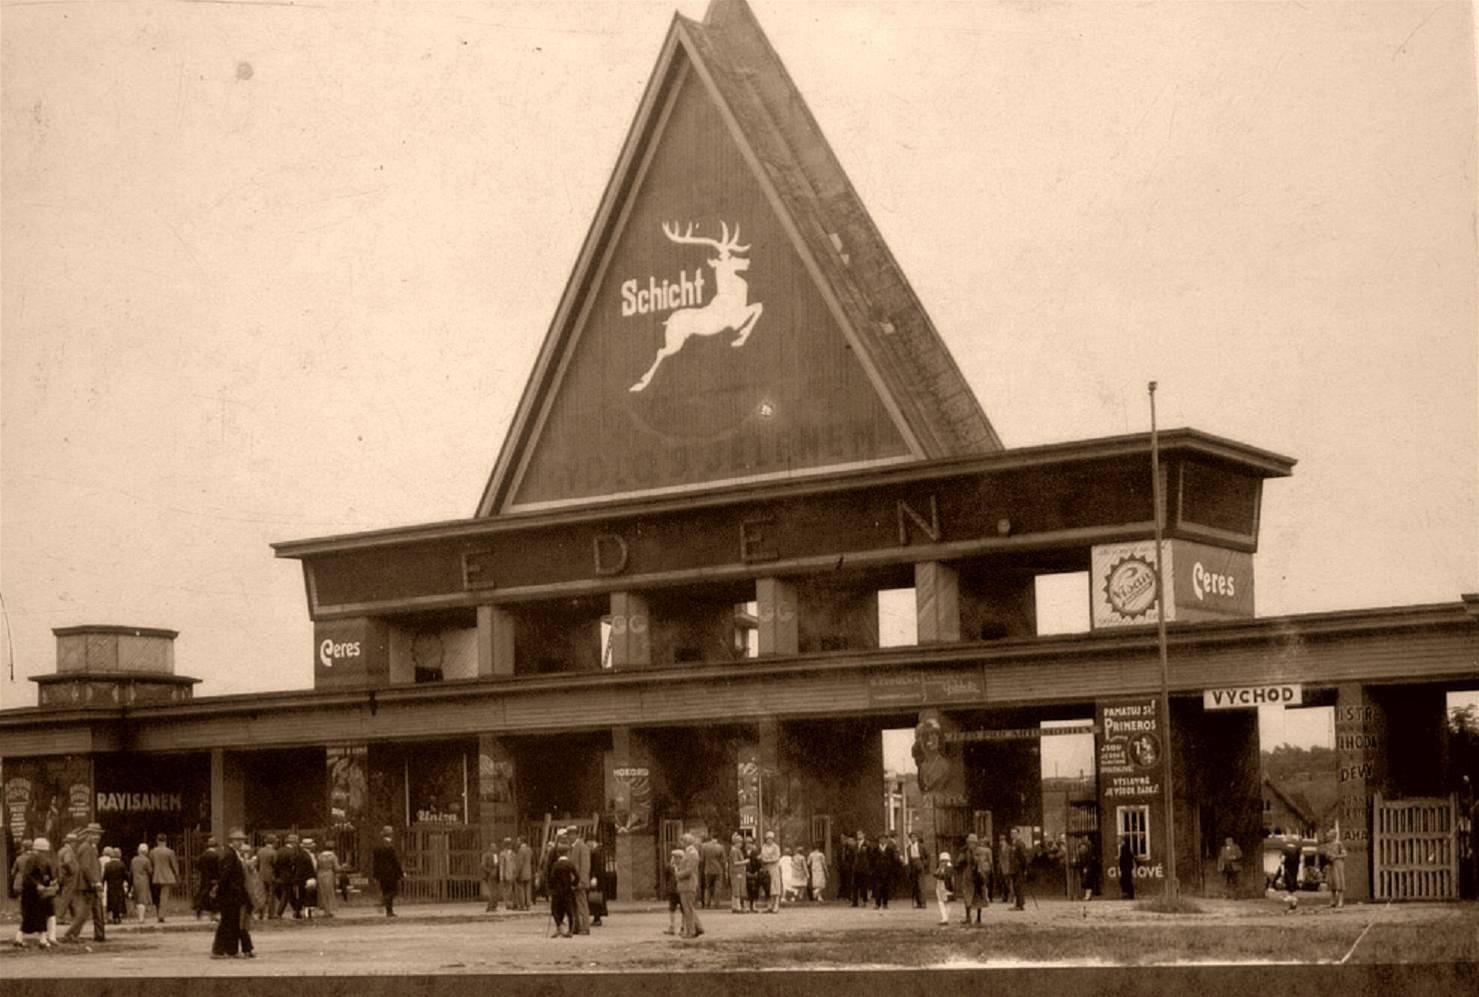 Vstupní brána do zábavního parku Eden opatřená reklamou na firmu Schicht vyrábějící oblíbené Schichtovo mýdlo s jelenem